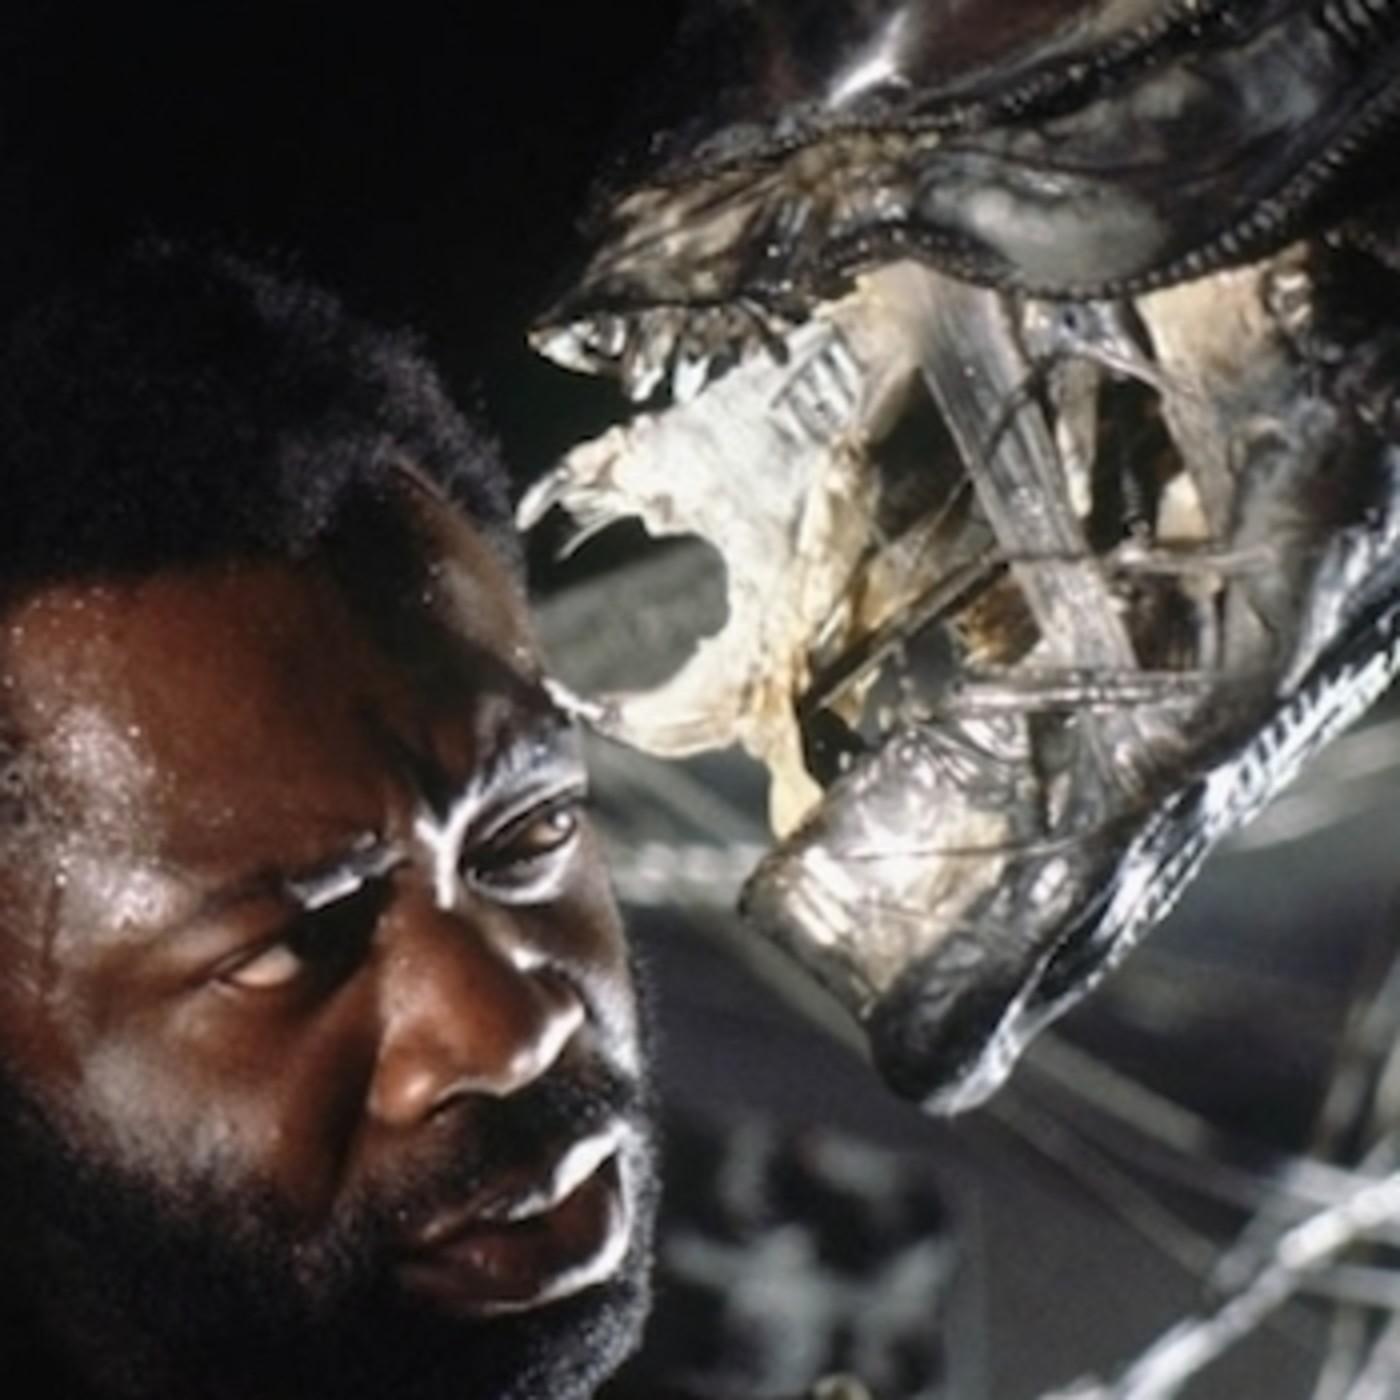 Alien 2 en Alien en mp3(19/07 a las 19:53:15) 05:12 27142413 ...